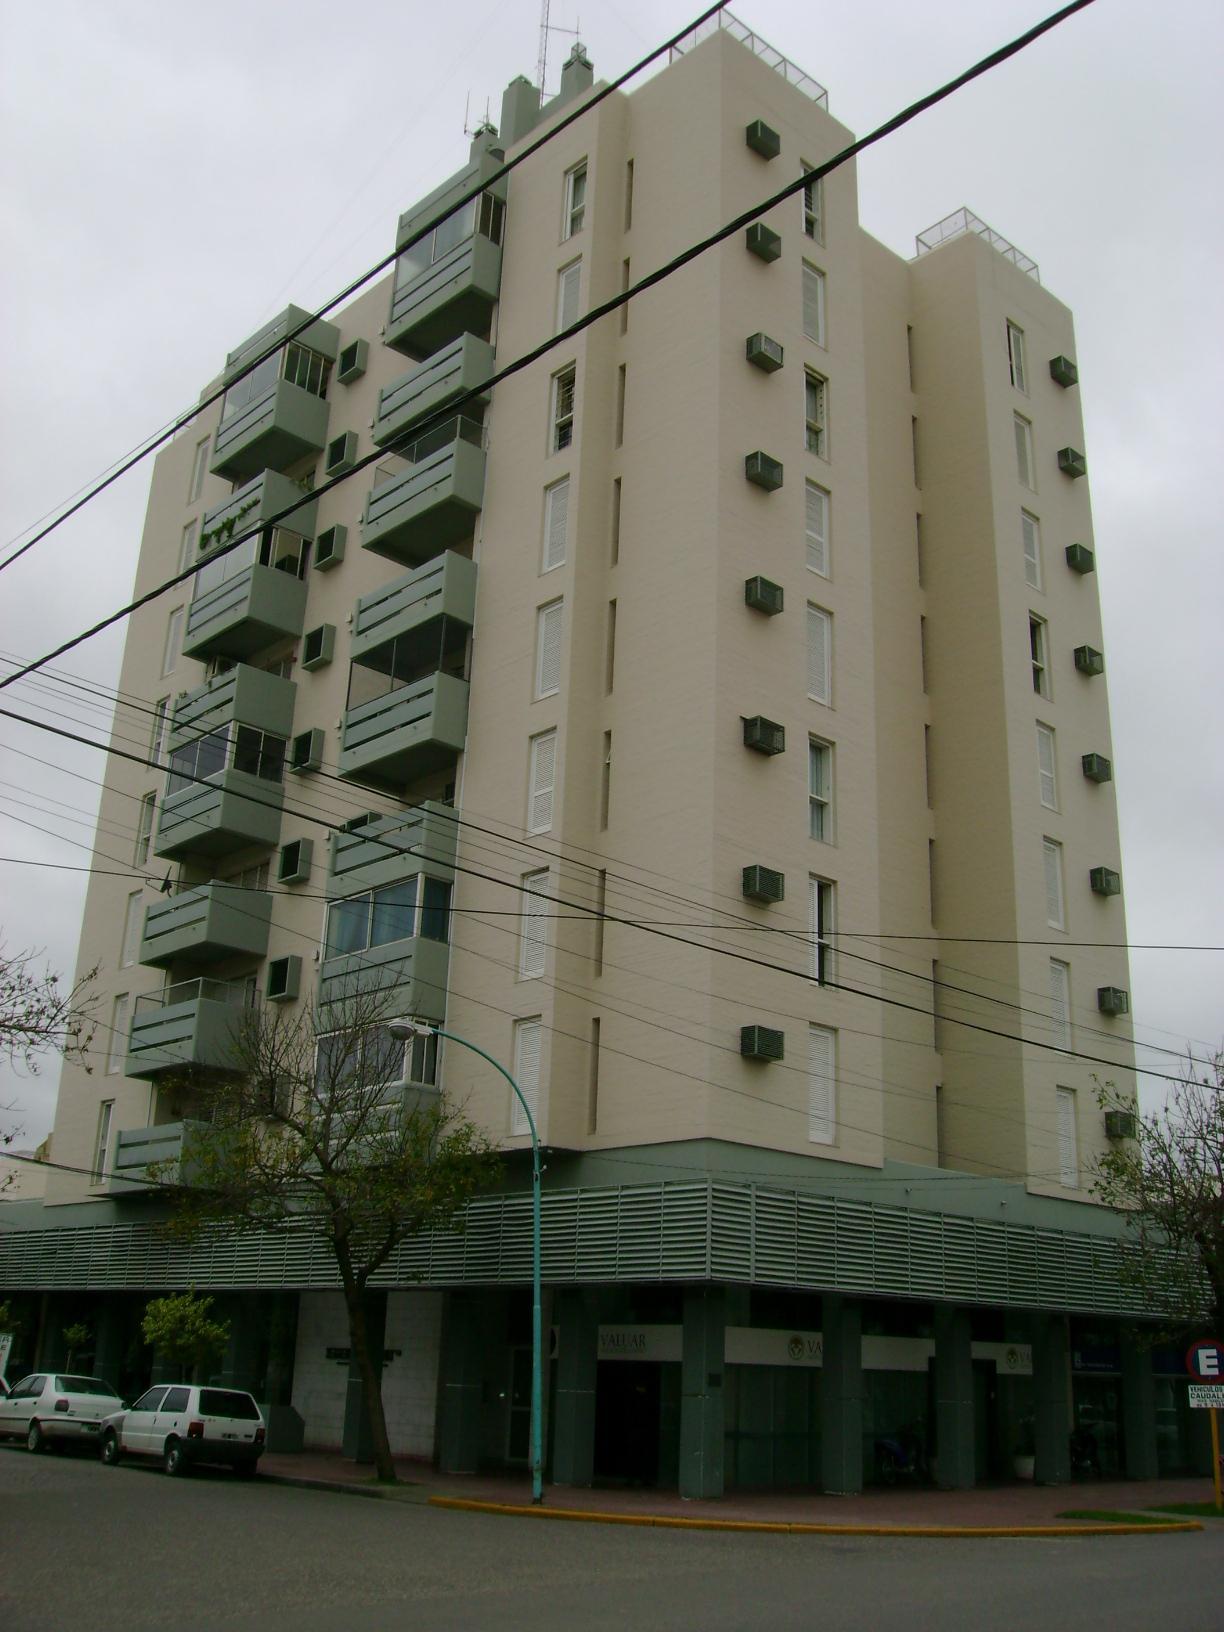 Lavalle 210 5º D - Gaggiotti Inmobiliaria cuenta con más de 50 años desde que se inicio en el negocio de los servicios inmobiliarios.